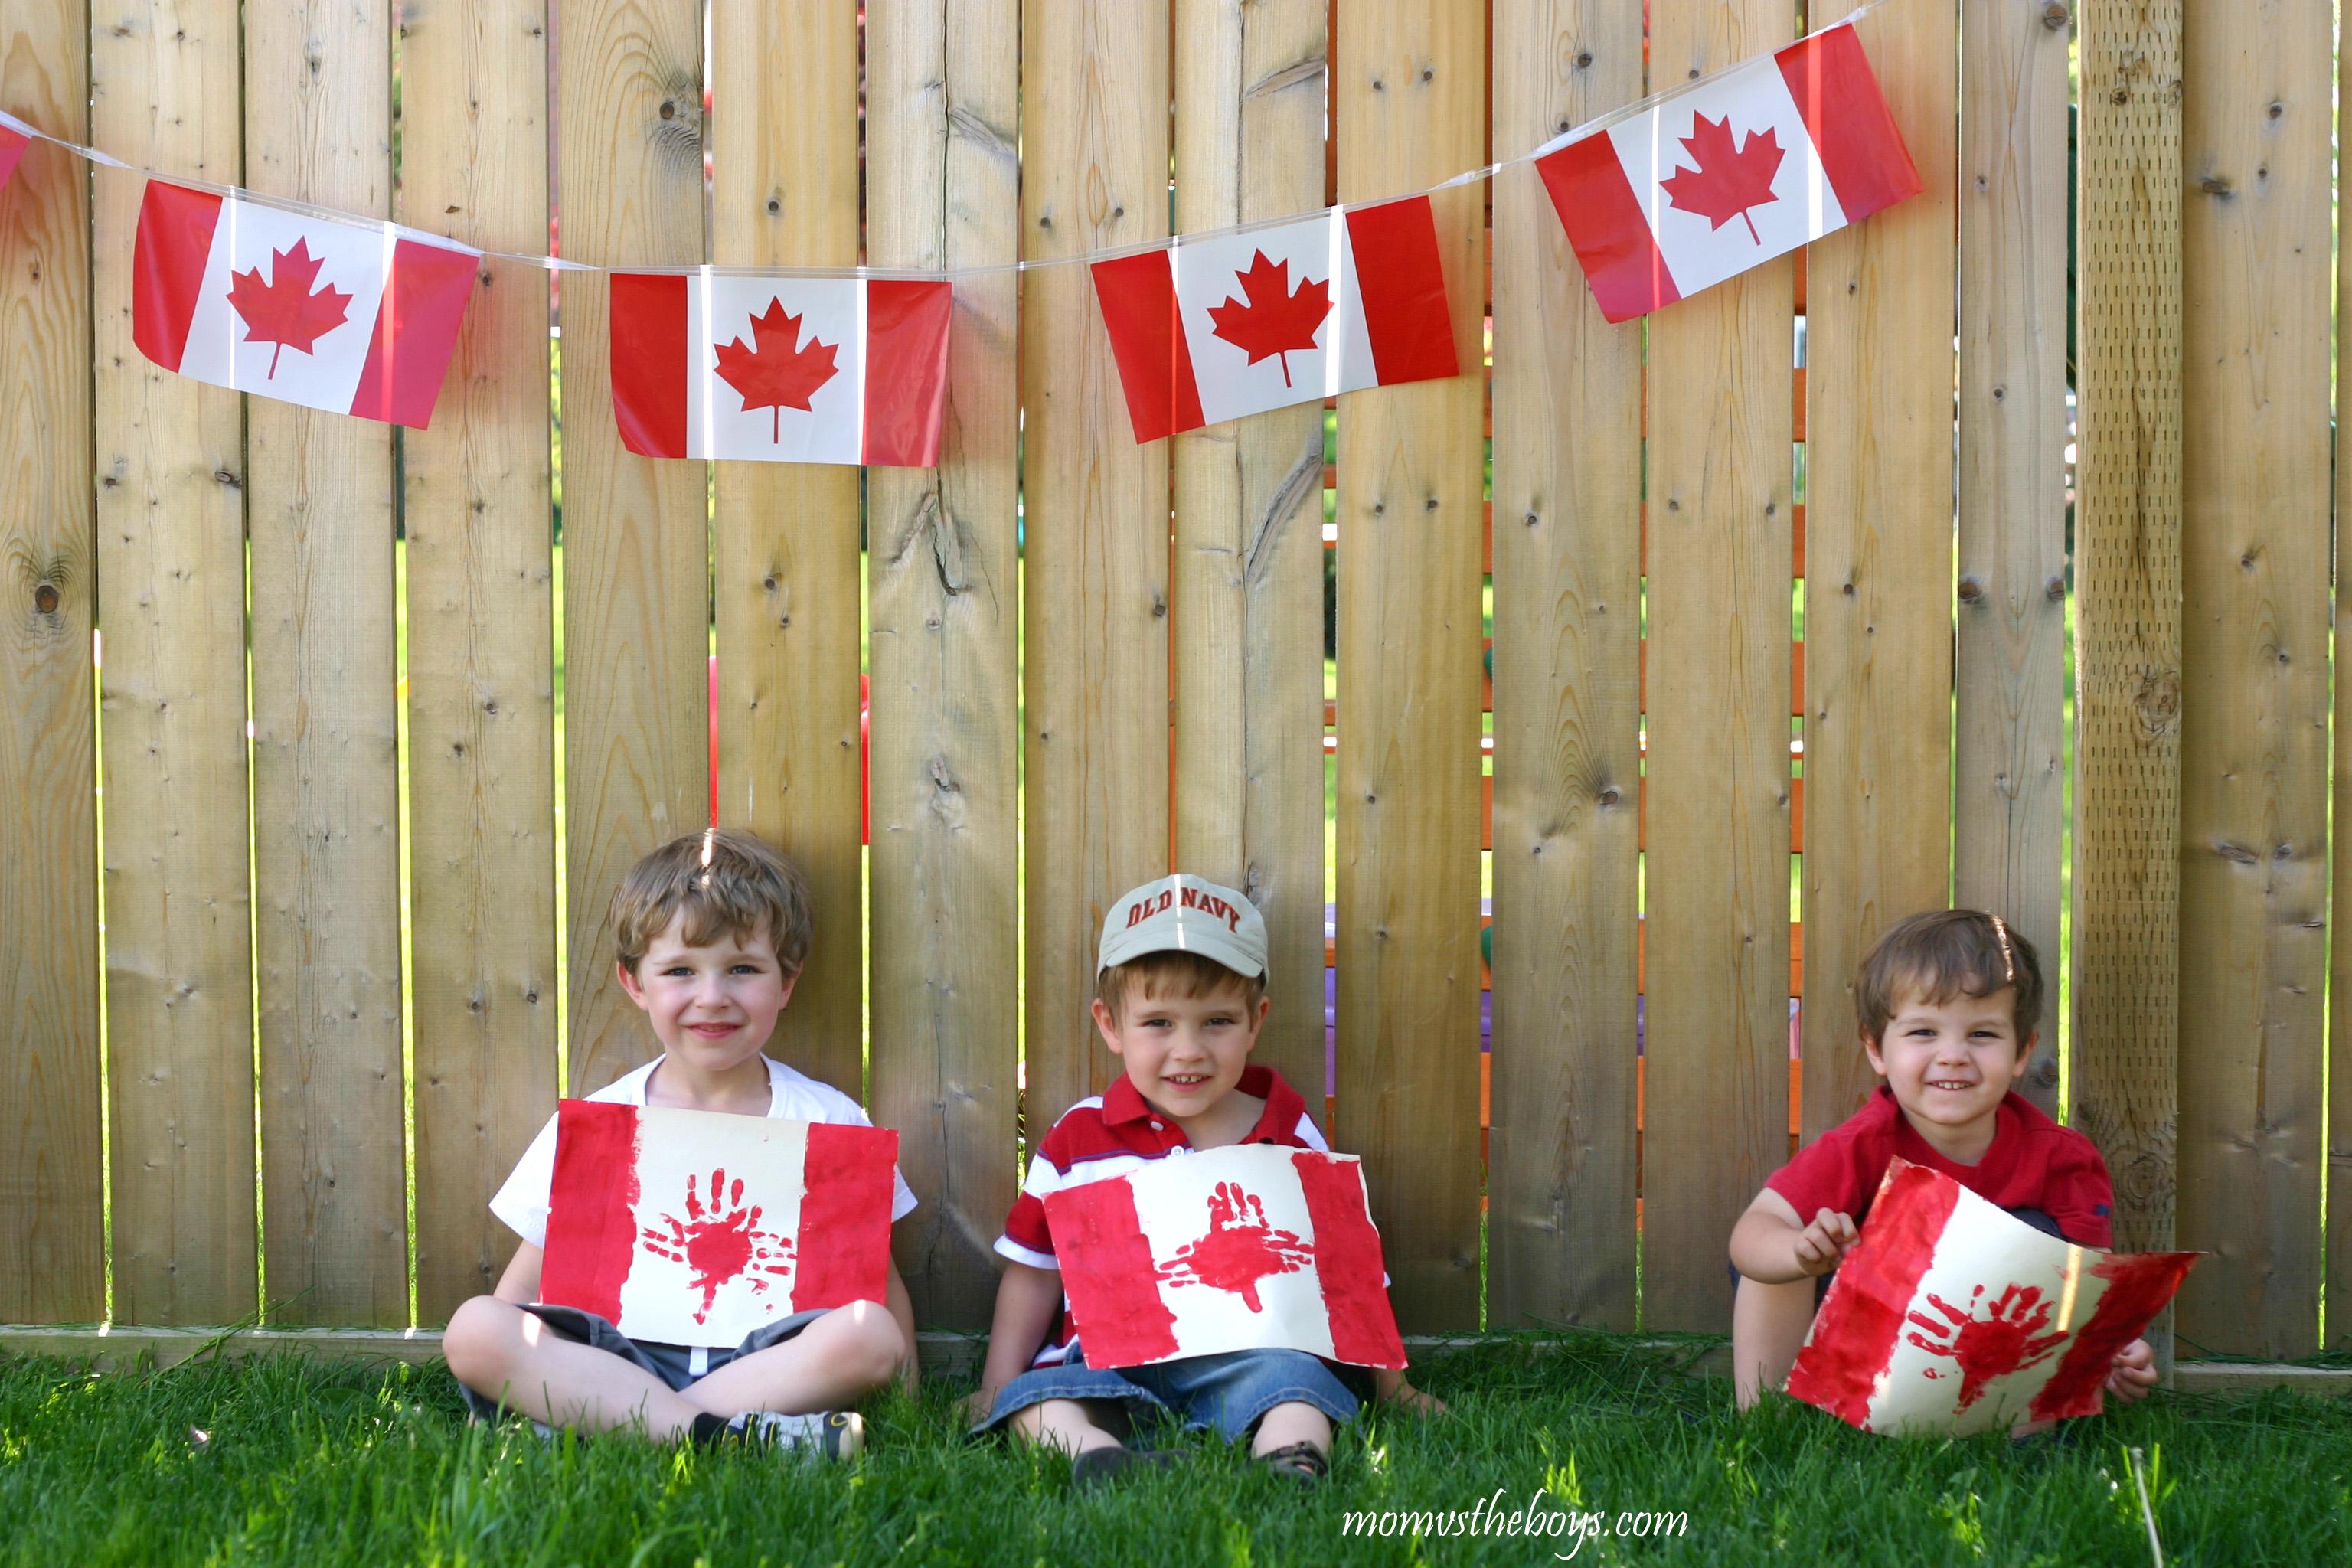 Bộ Trưởng Canada Thông Báo Tăng Quỹ Cho Chương Trình Hỗ Trợ Hội Nhập Cho Người Mới